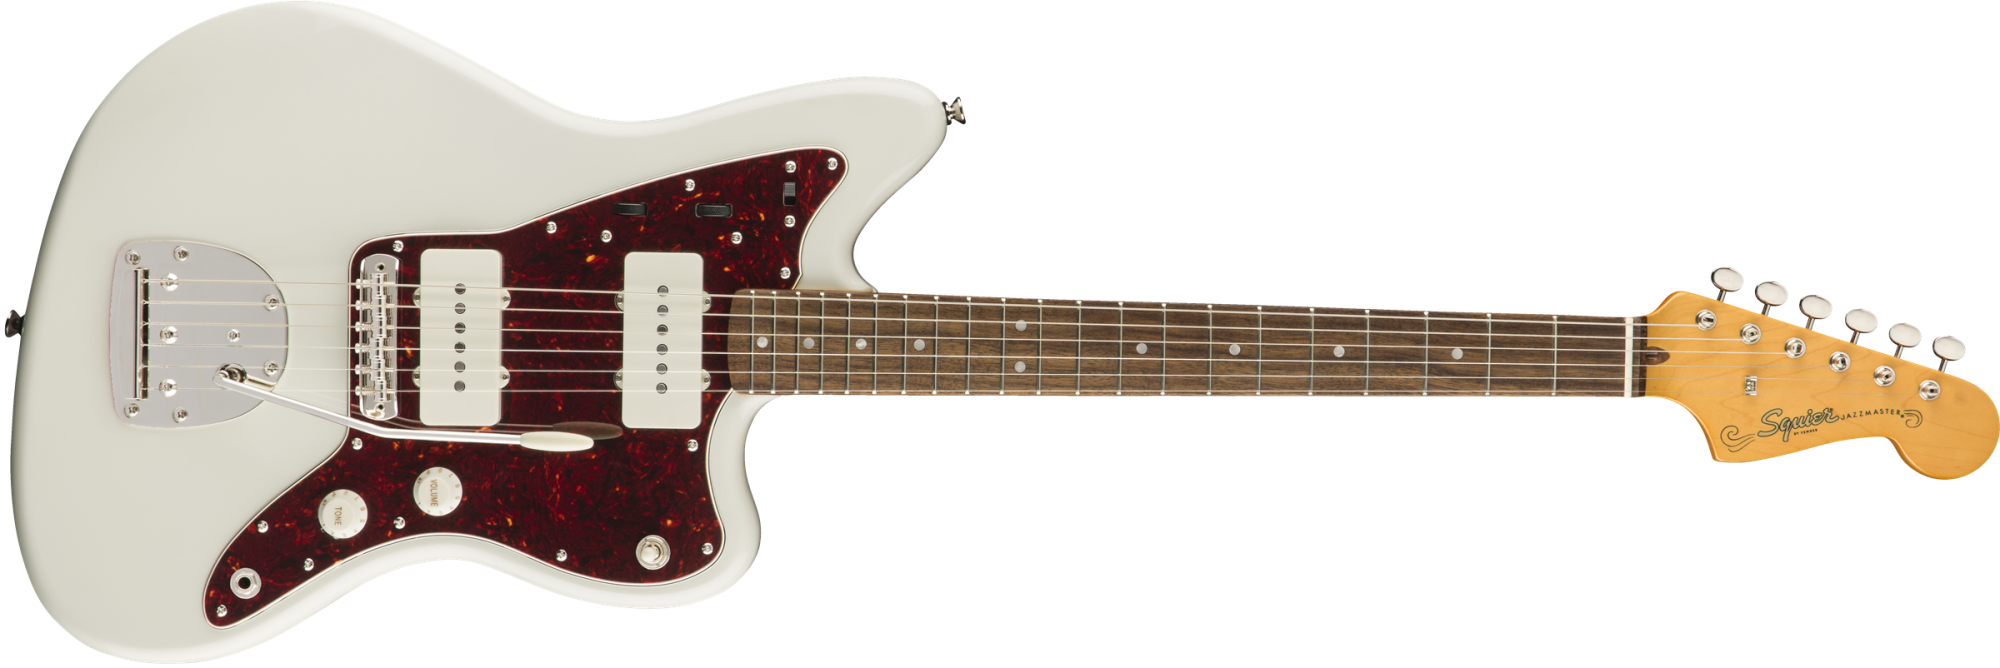 Squier Classic Vibe 60's Jazzmaster